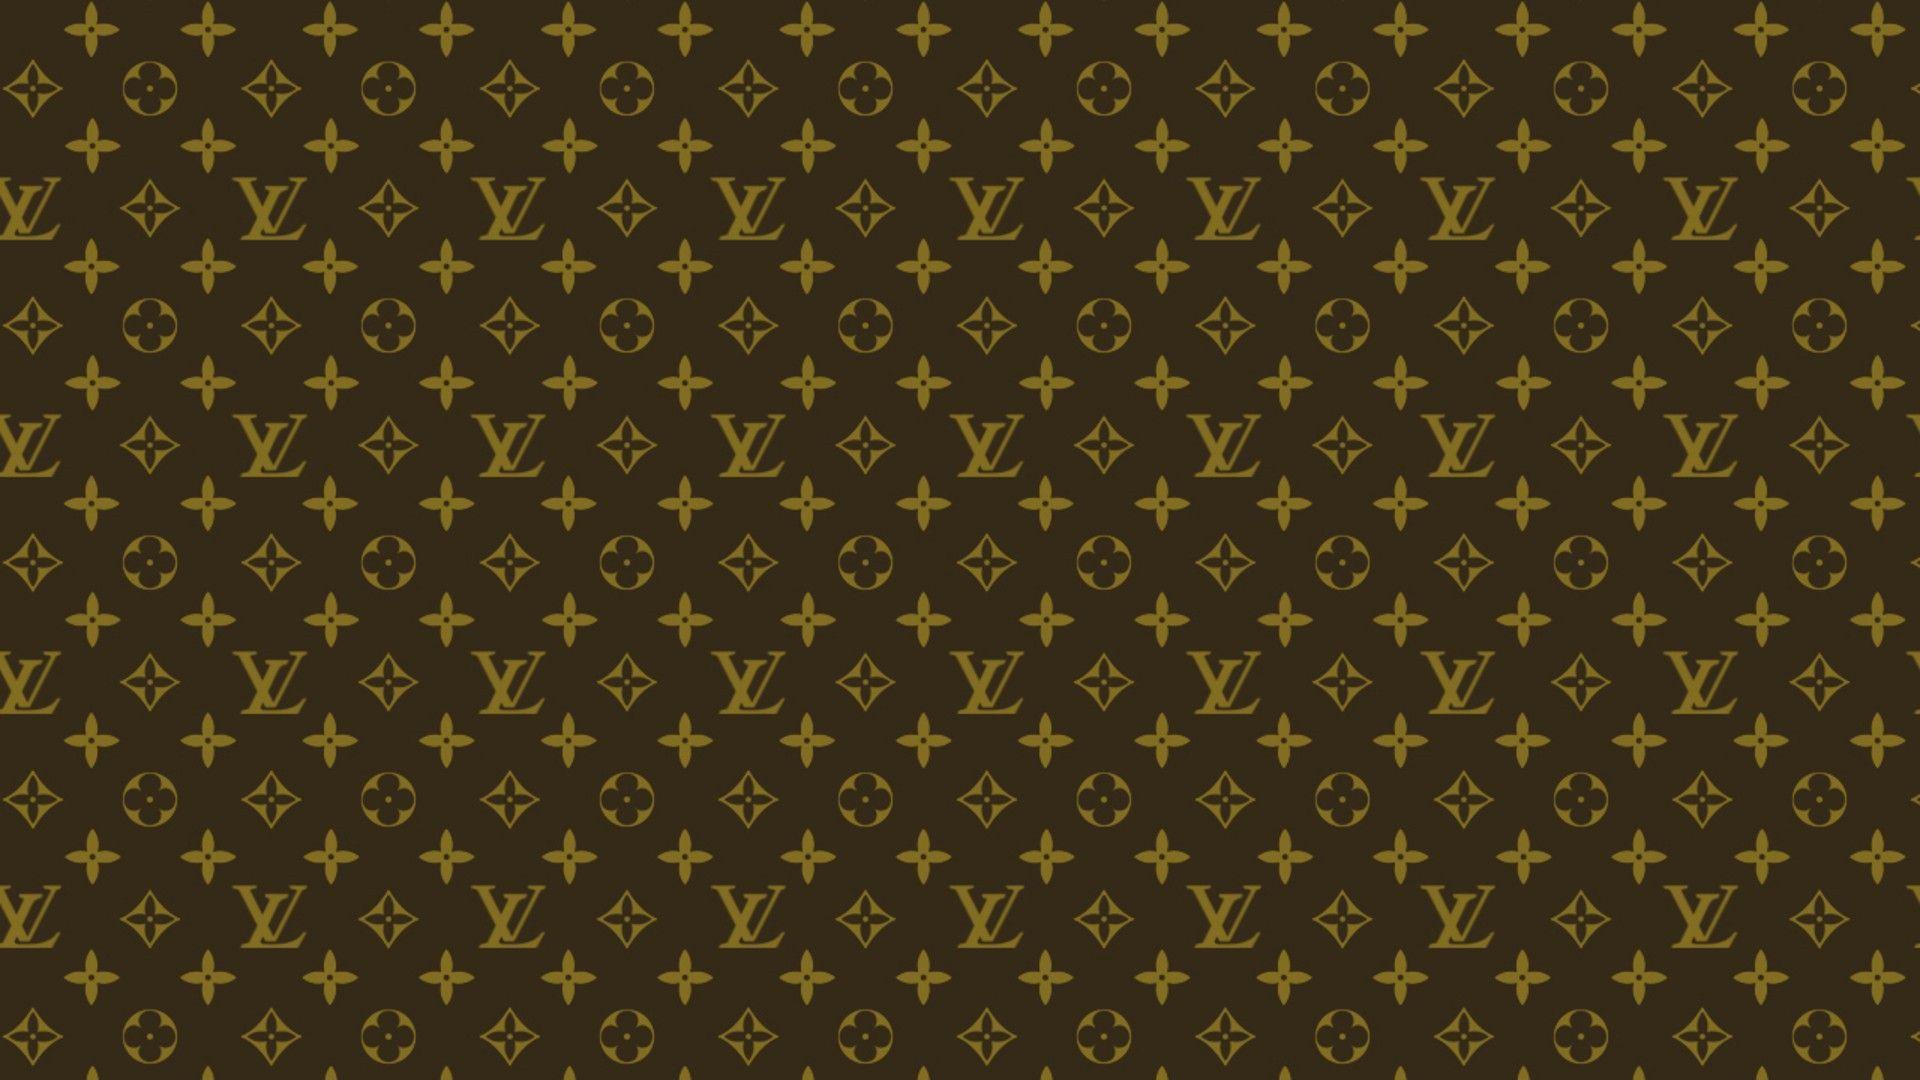 Fondos De Pantalla Supreme: Supreme X Louis Vuitton Wallpapers